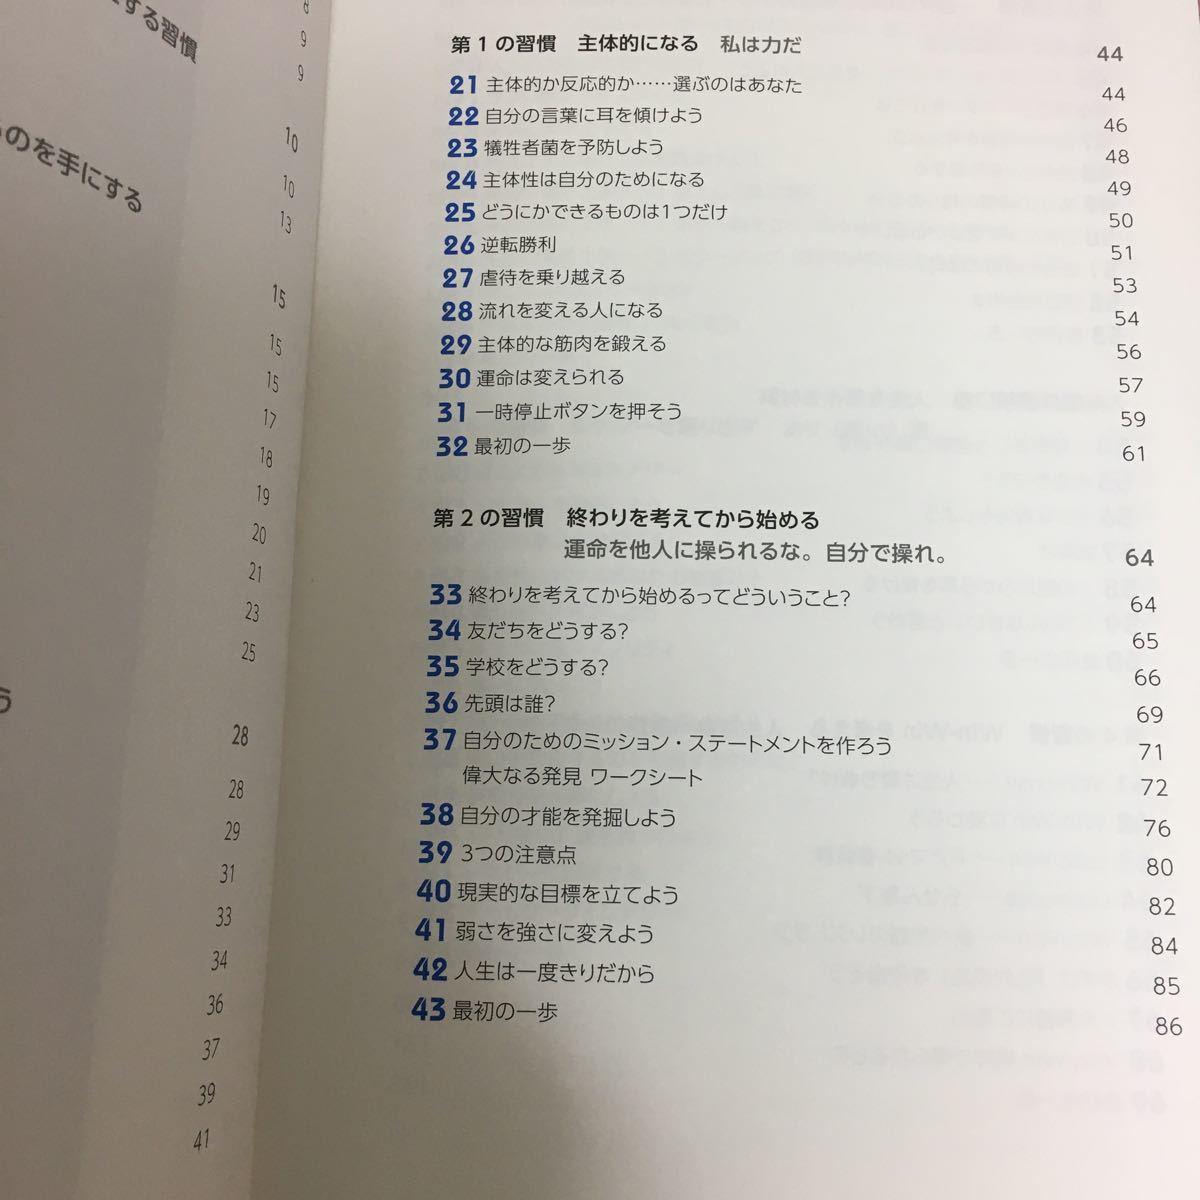 7つの習慣ティーンズワークブックです。中高生向けになってます。中身は未記入ですが、しばらく保管していたので若干の使用感があります。